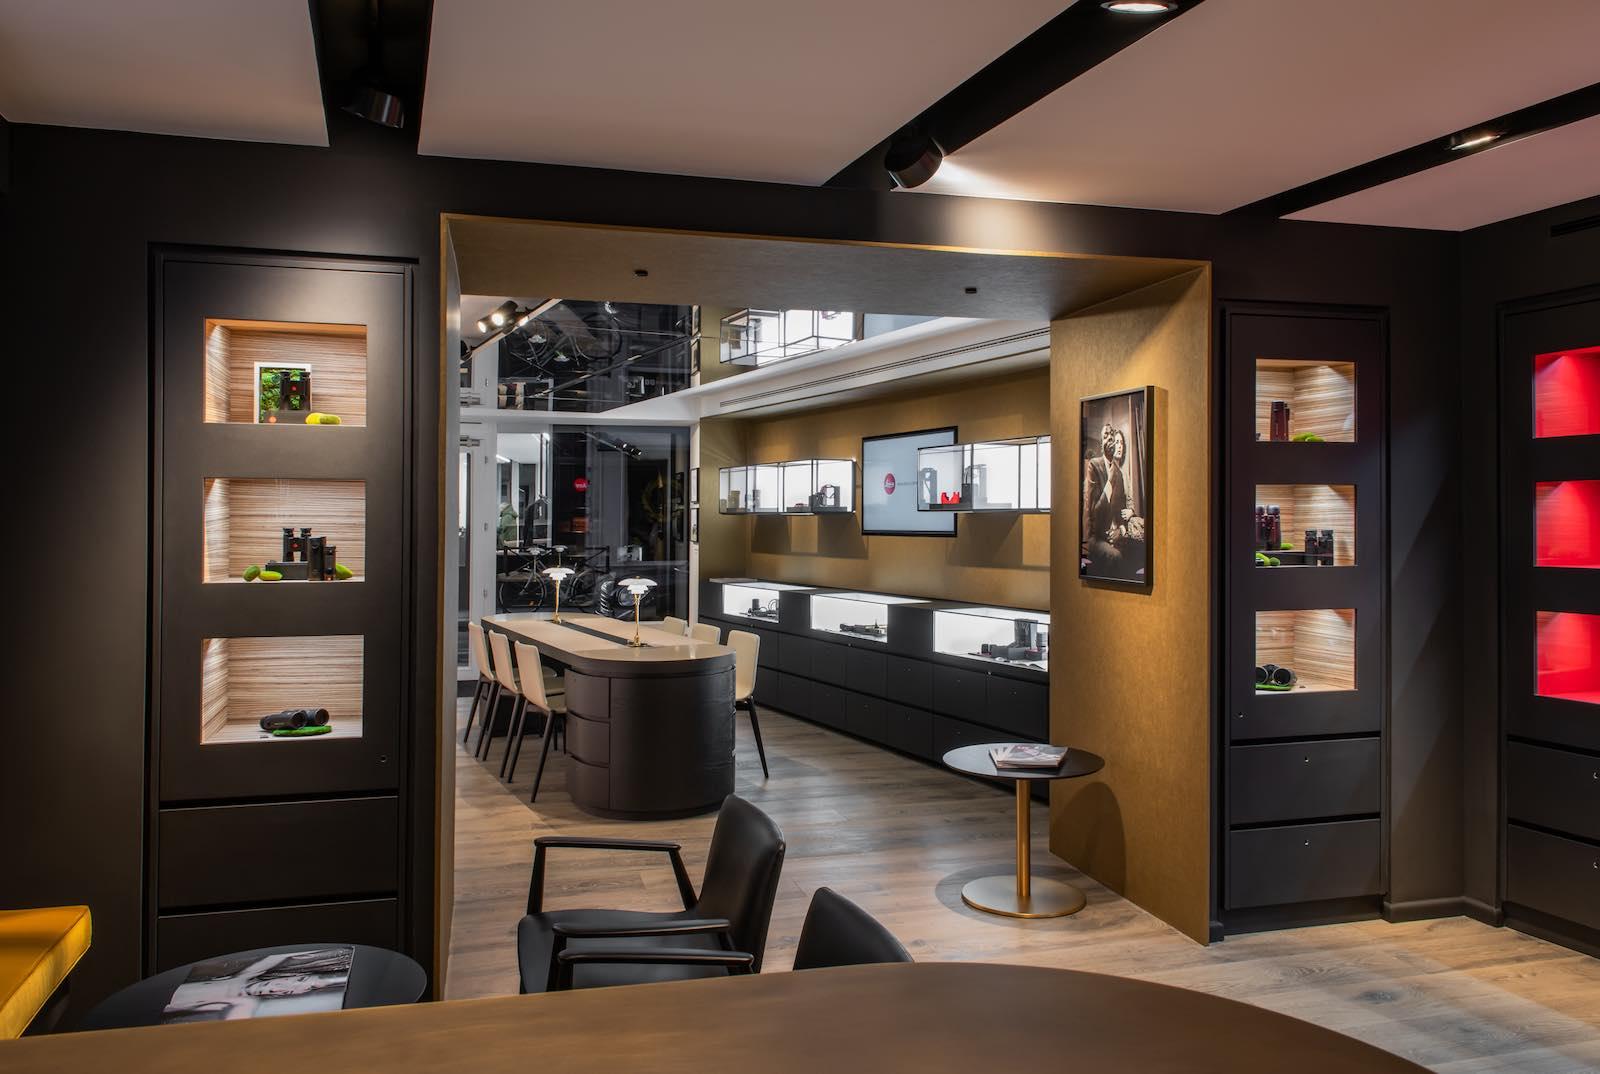 Leica-Store-Rive-Gauche-Paris-3